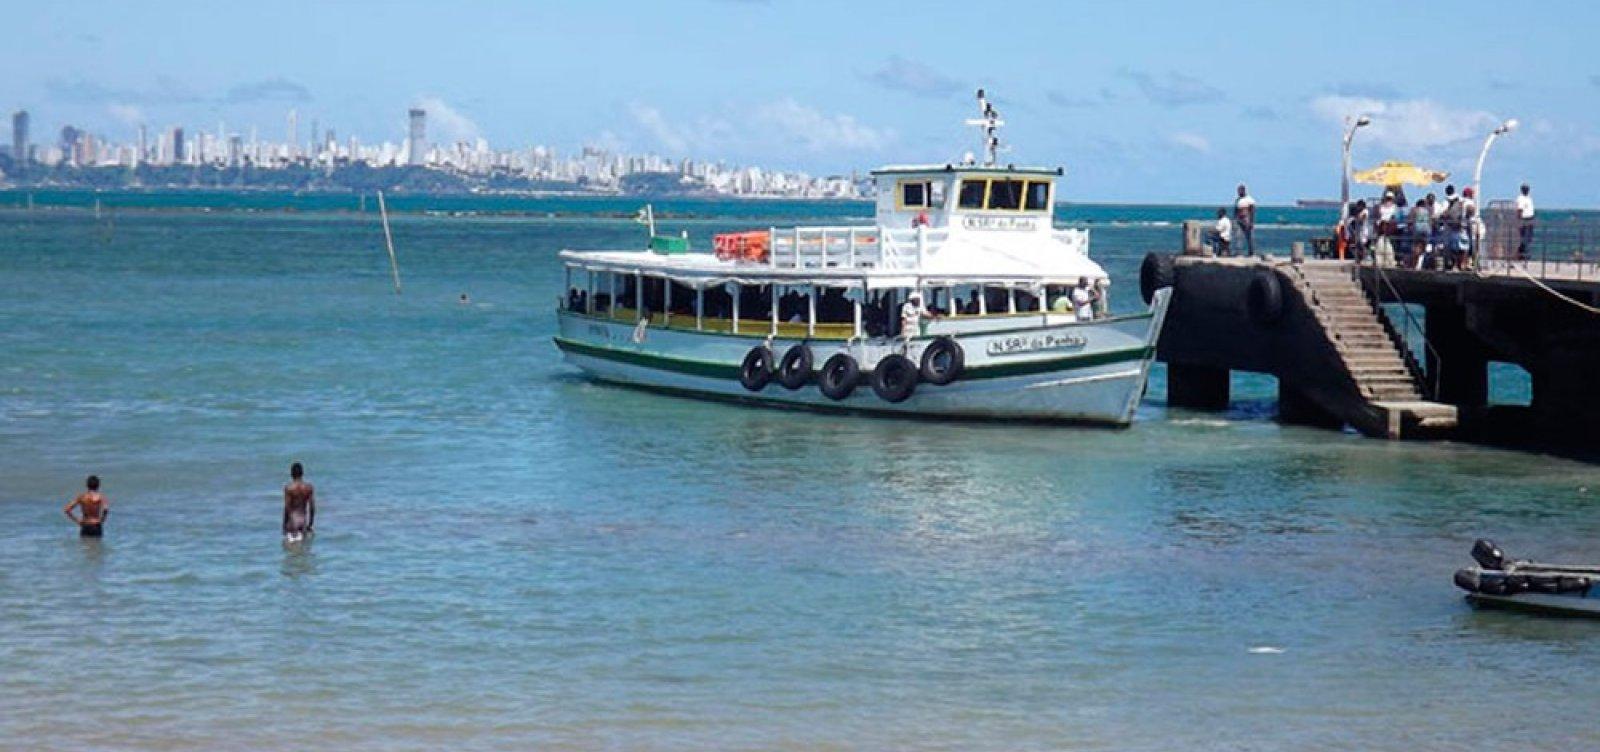 Travessia de Salvador para Mar Grande será encerrada mais cedo nesta quarta em função da maré baixa